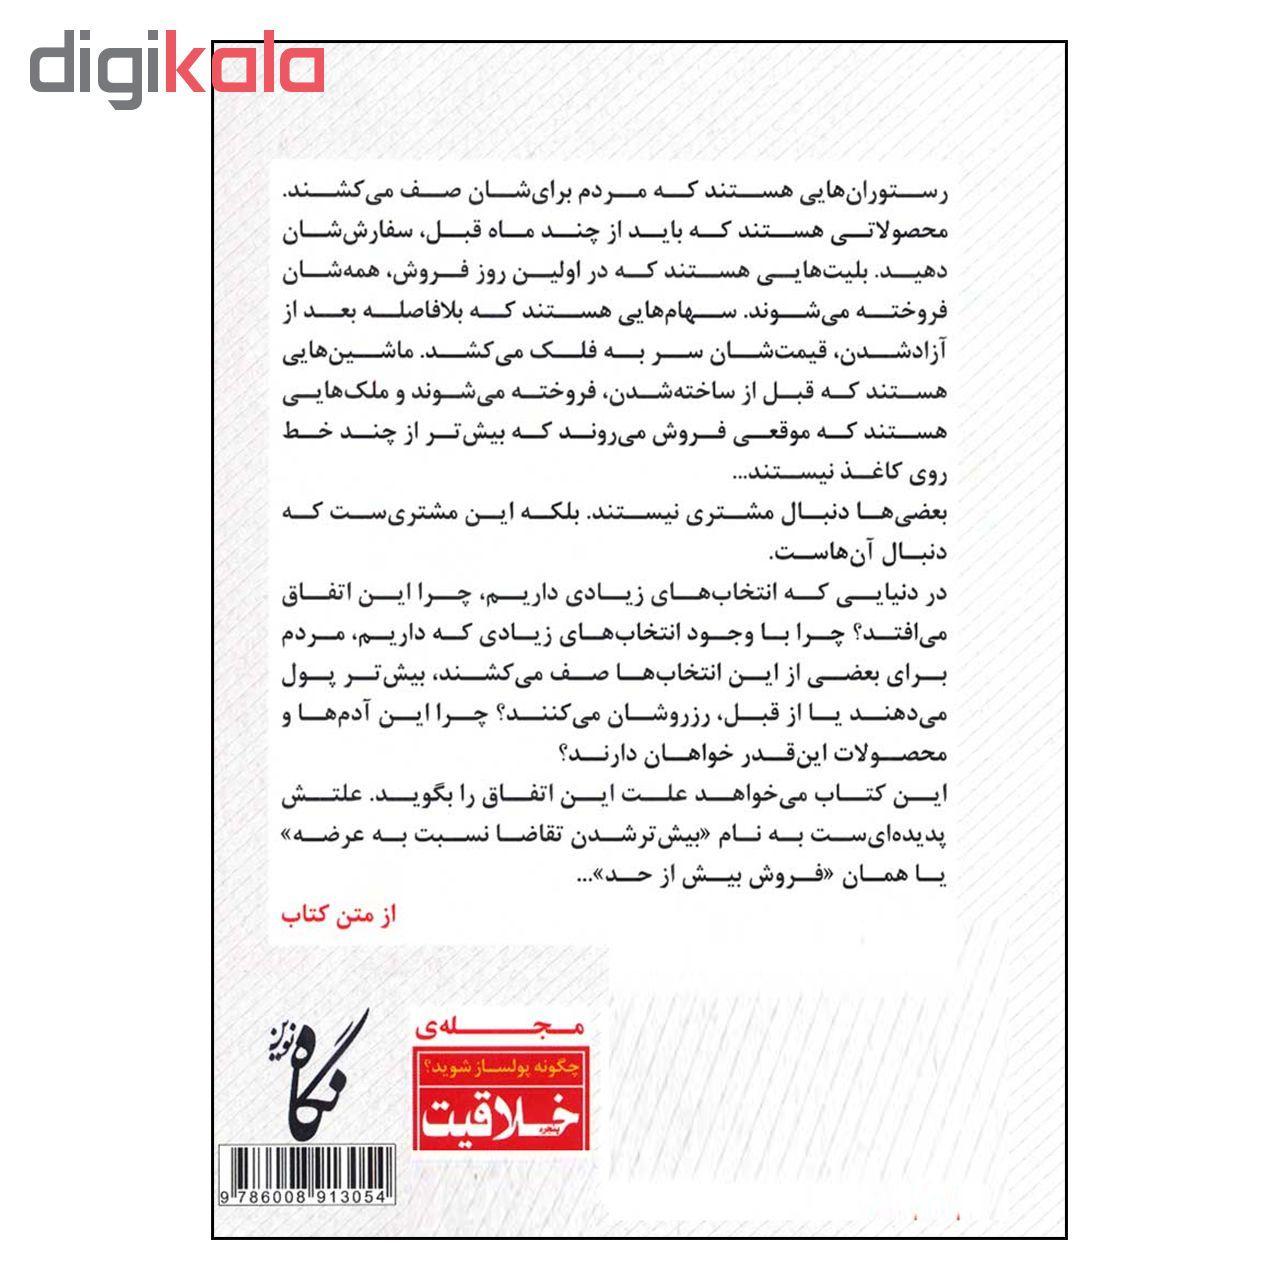 کتاب رسیدن به فروش بیش از حد اثر دنیل پریستلی انتشارات نگاه نوین main 1 2